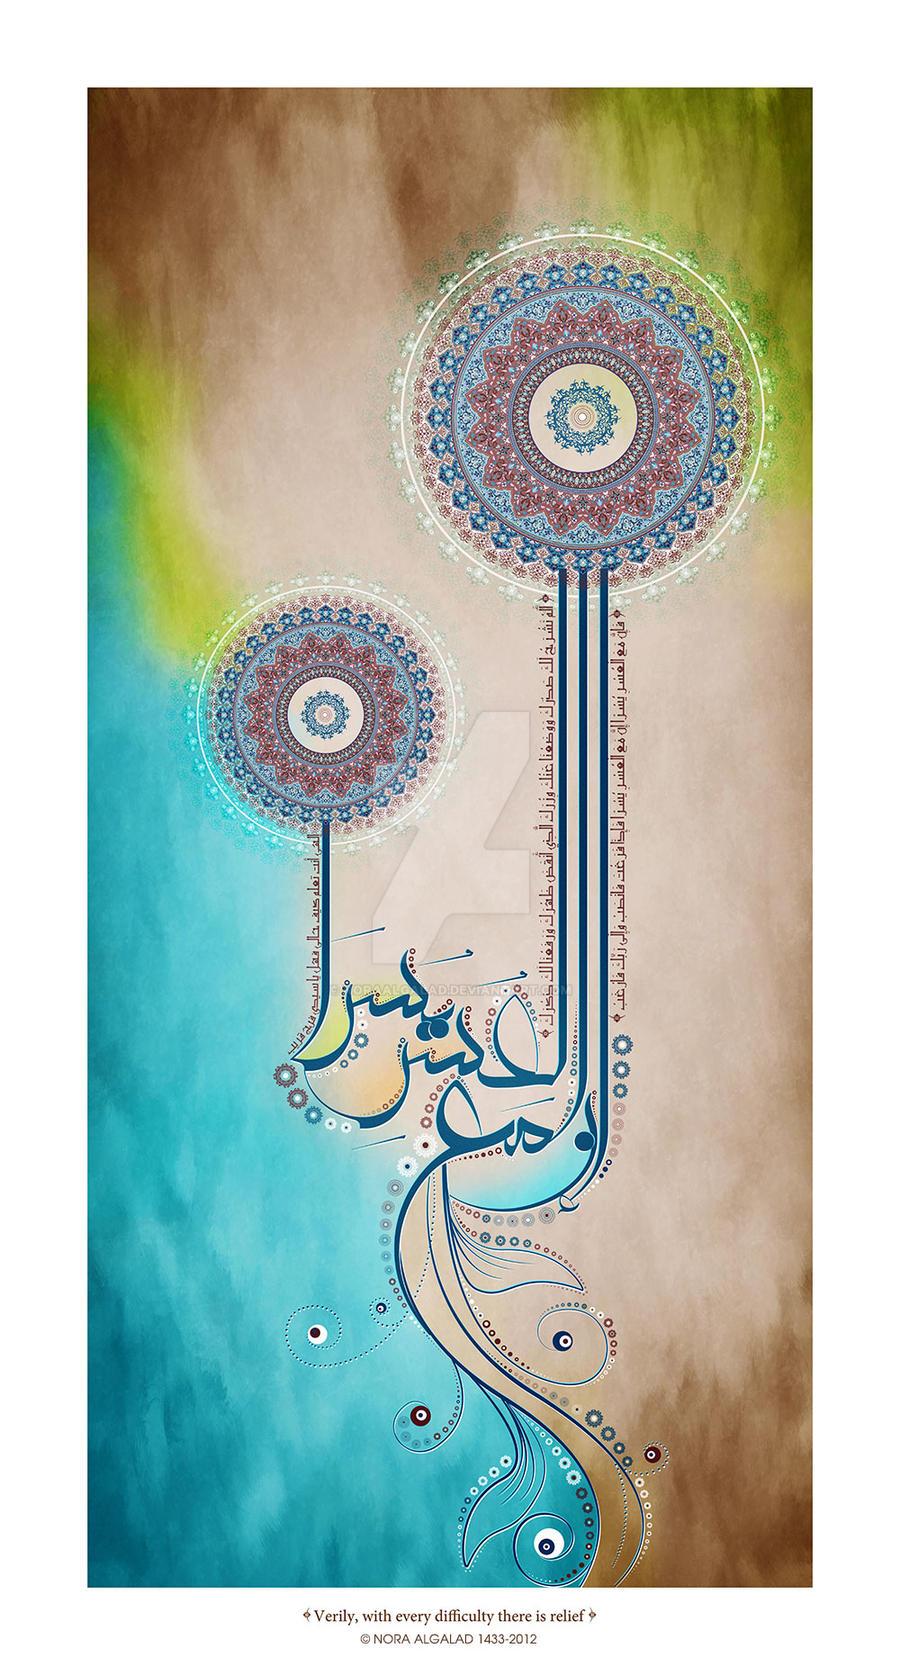 Yusra-Relief by NoraAlgalad